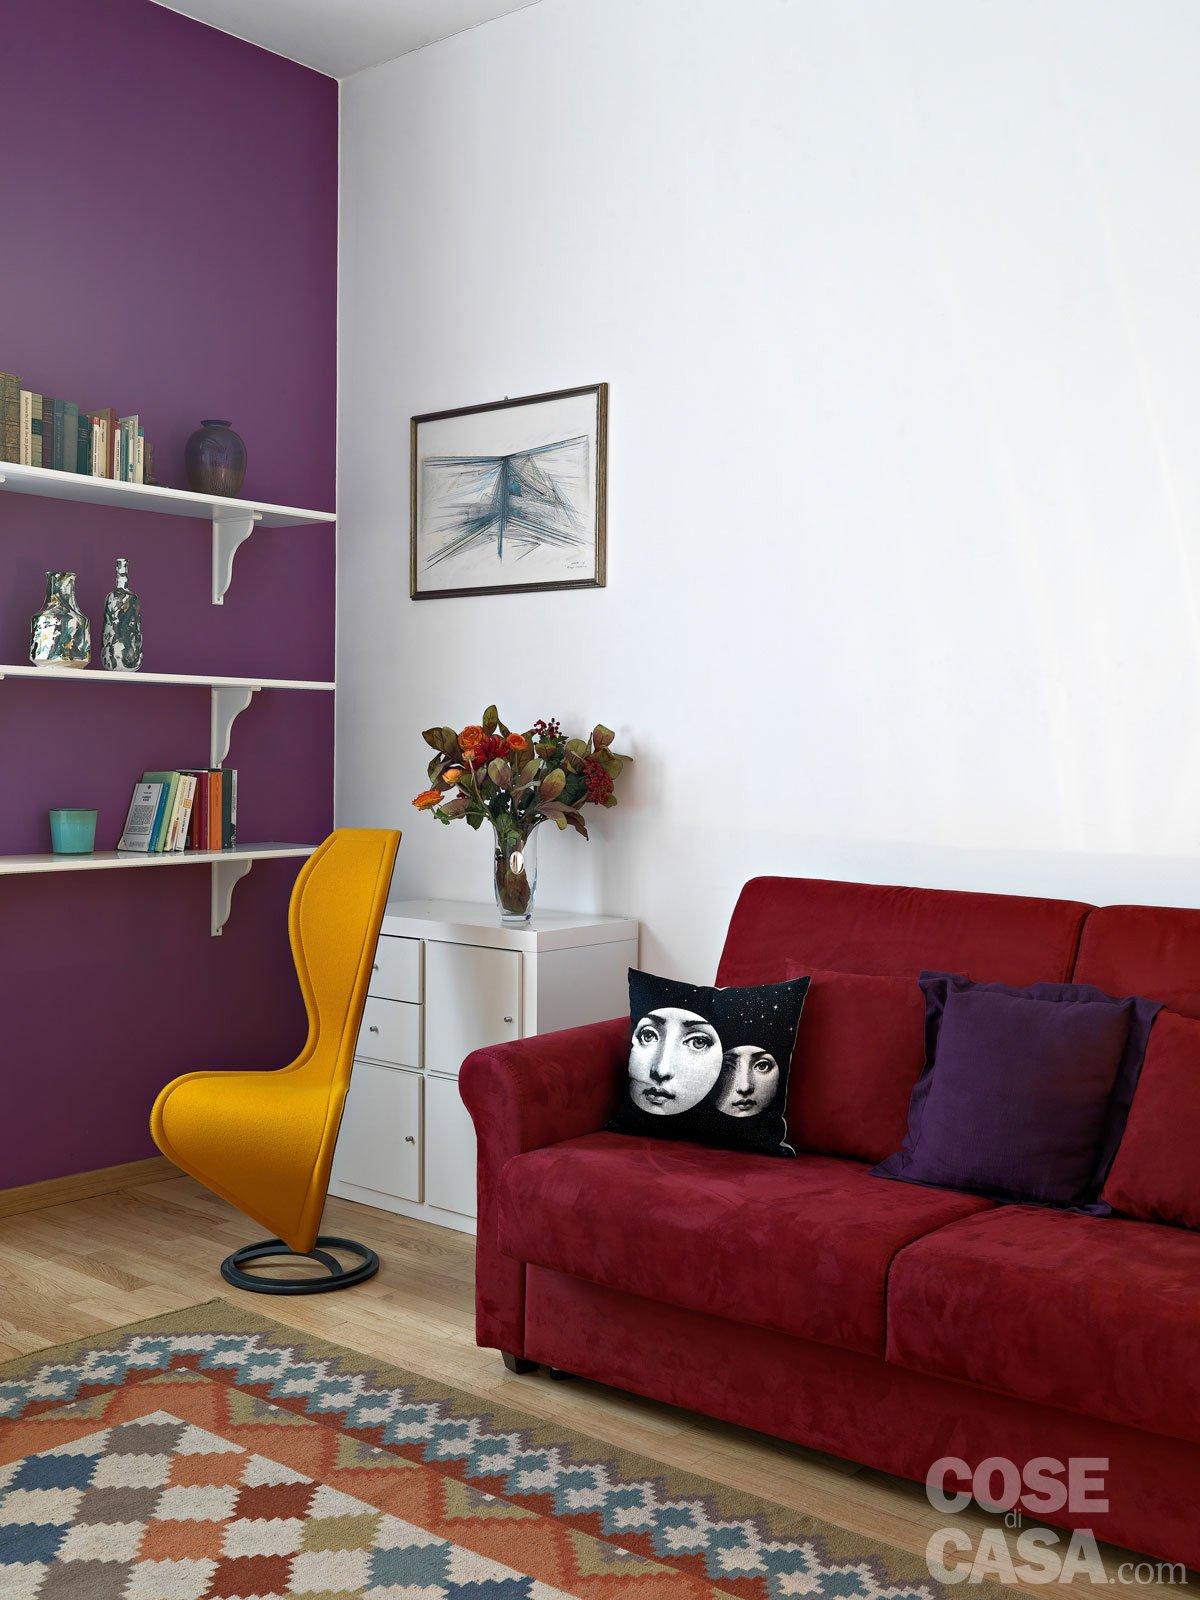 Colori Da Parete Per Camerette pitturare le pareti: i trucchi che ingannano l'occhio - cose